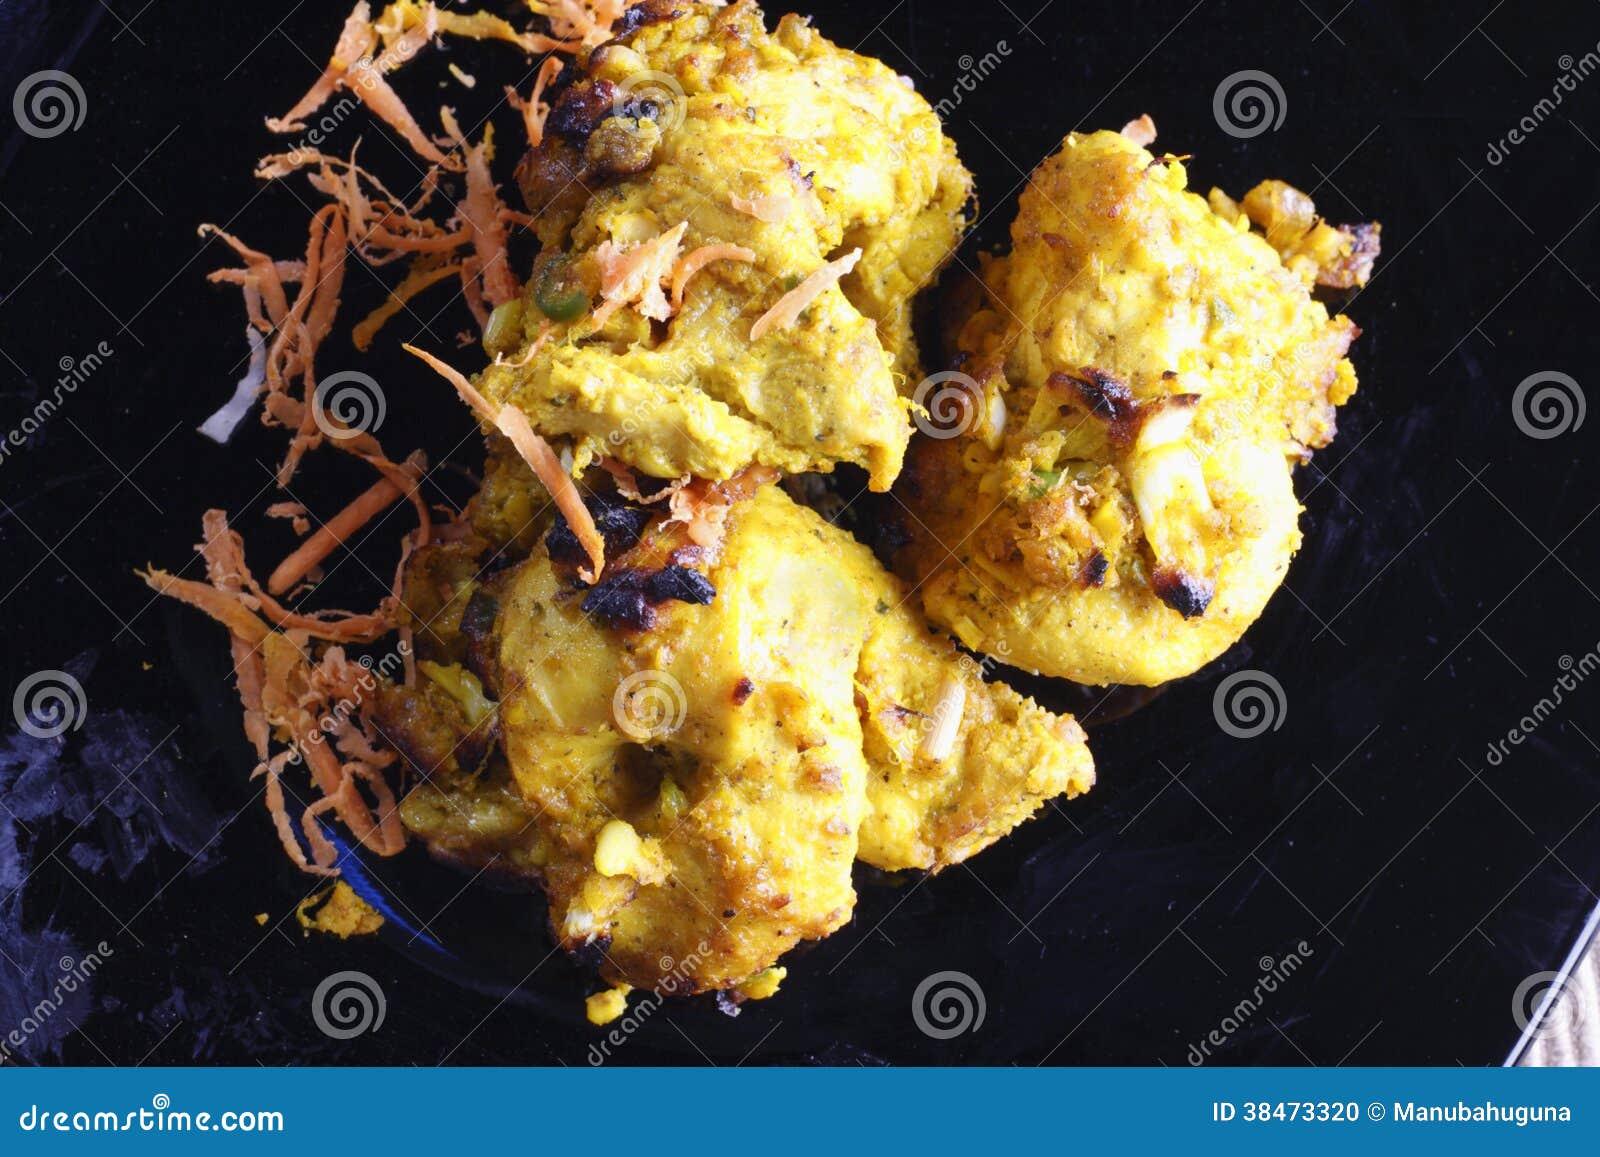 -lemon-garlic-tikka-india-chicken-dish-popular-made-grilling-chicken ...